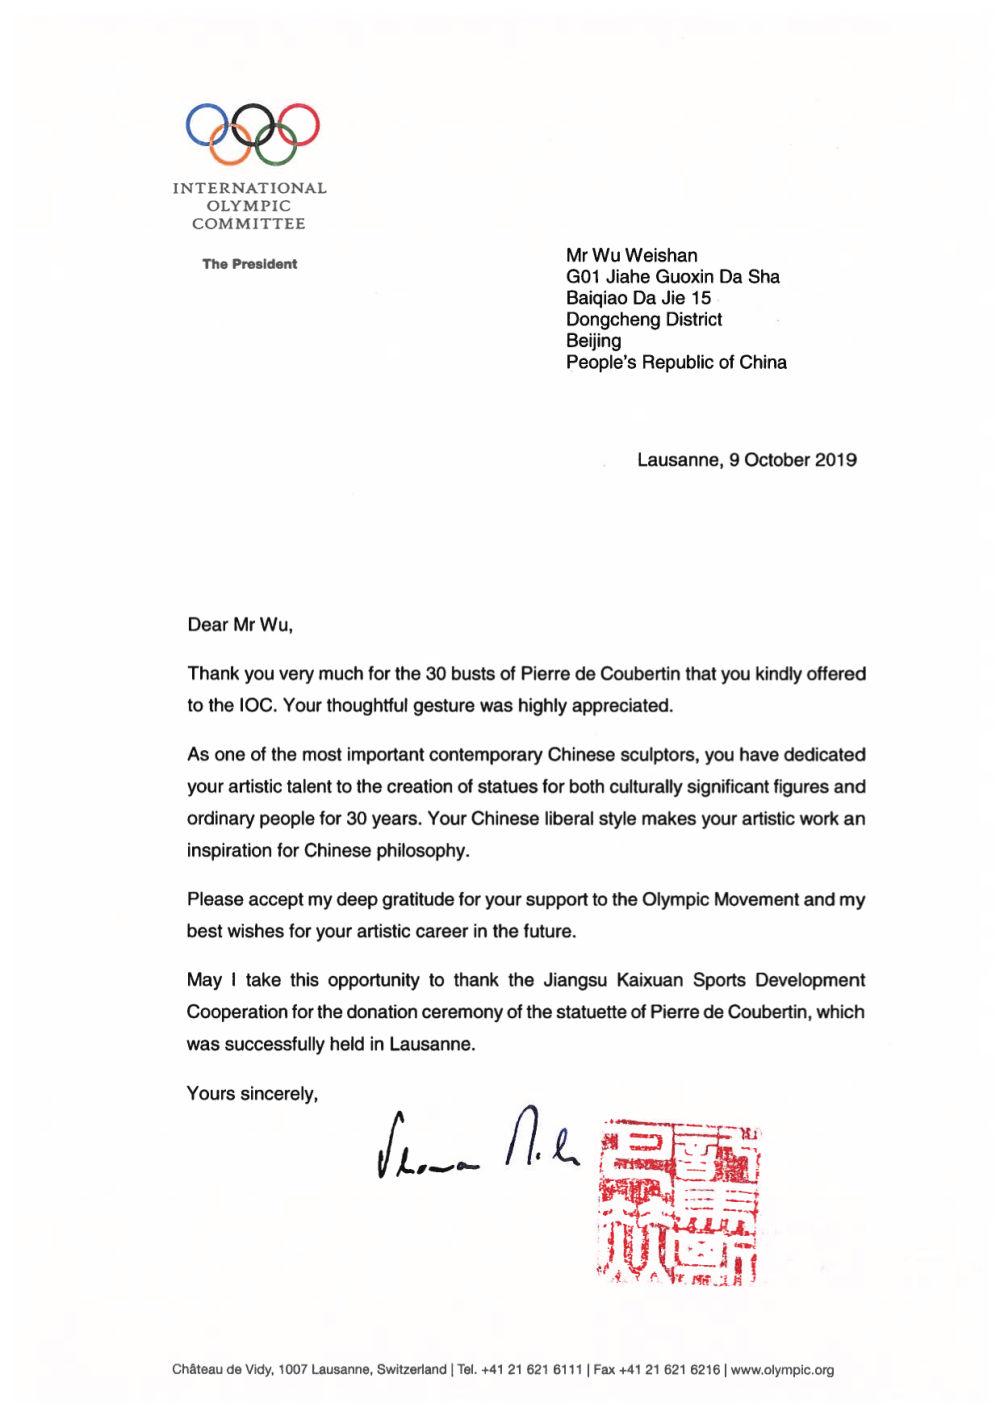 国际奥委会主席致信感谢这位中国